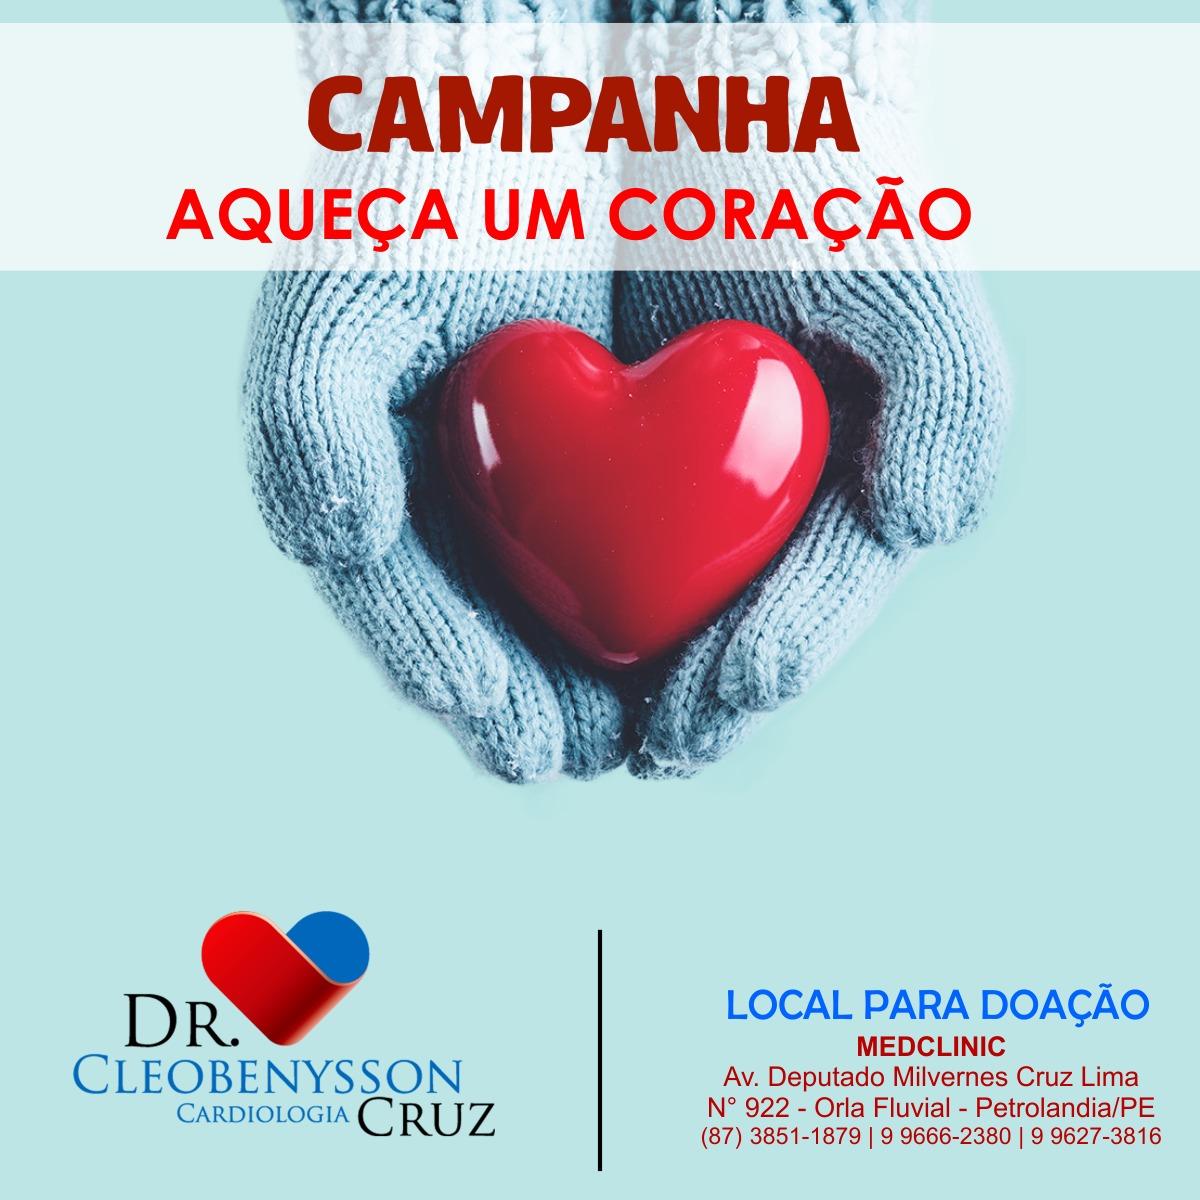 Campanha Aqueça um Coração